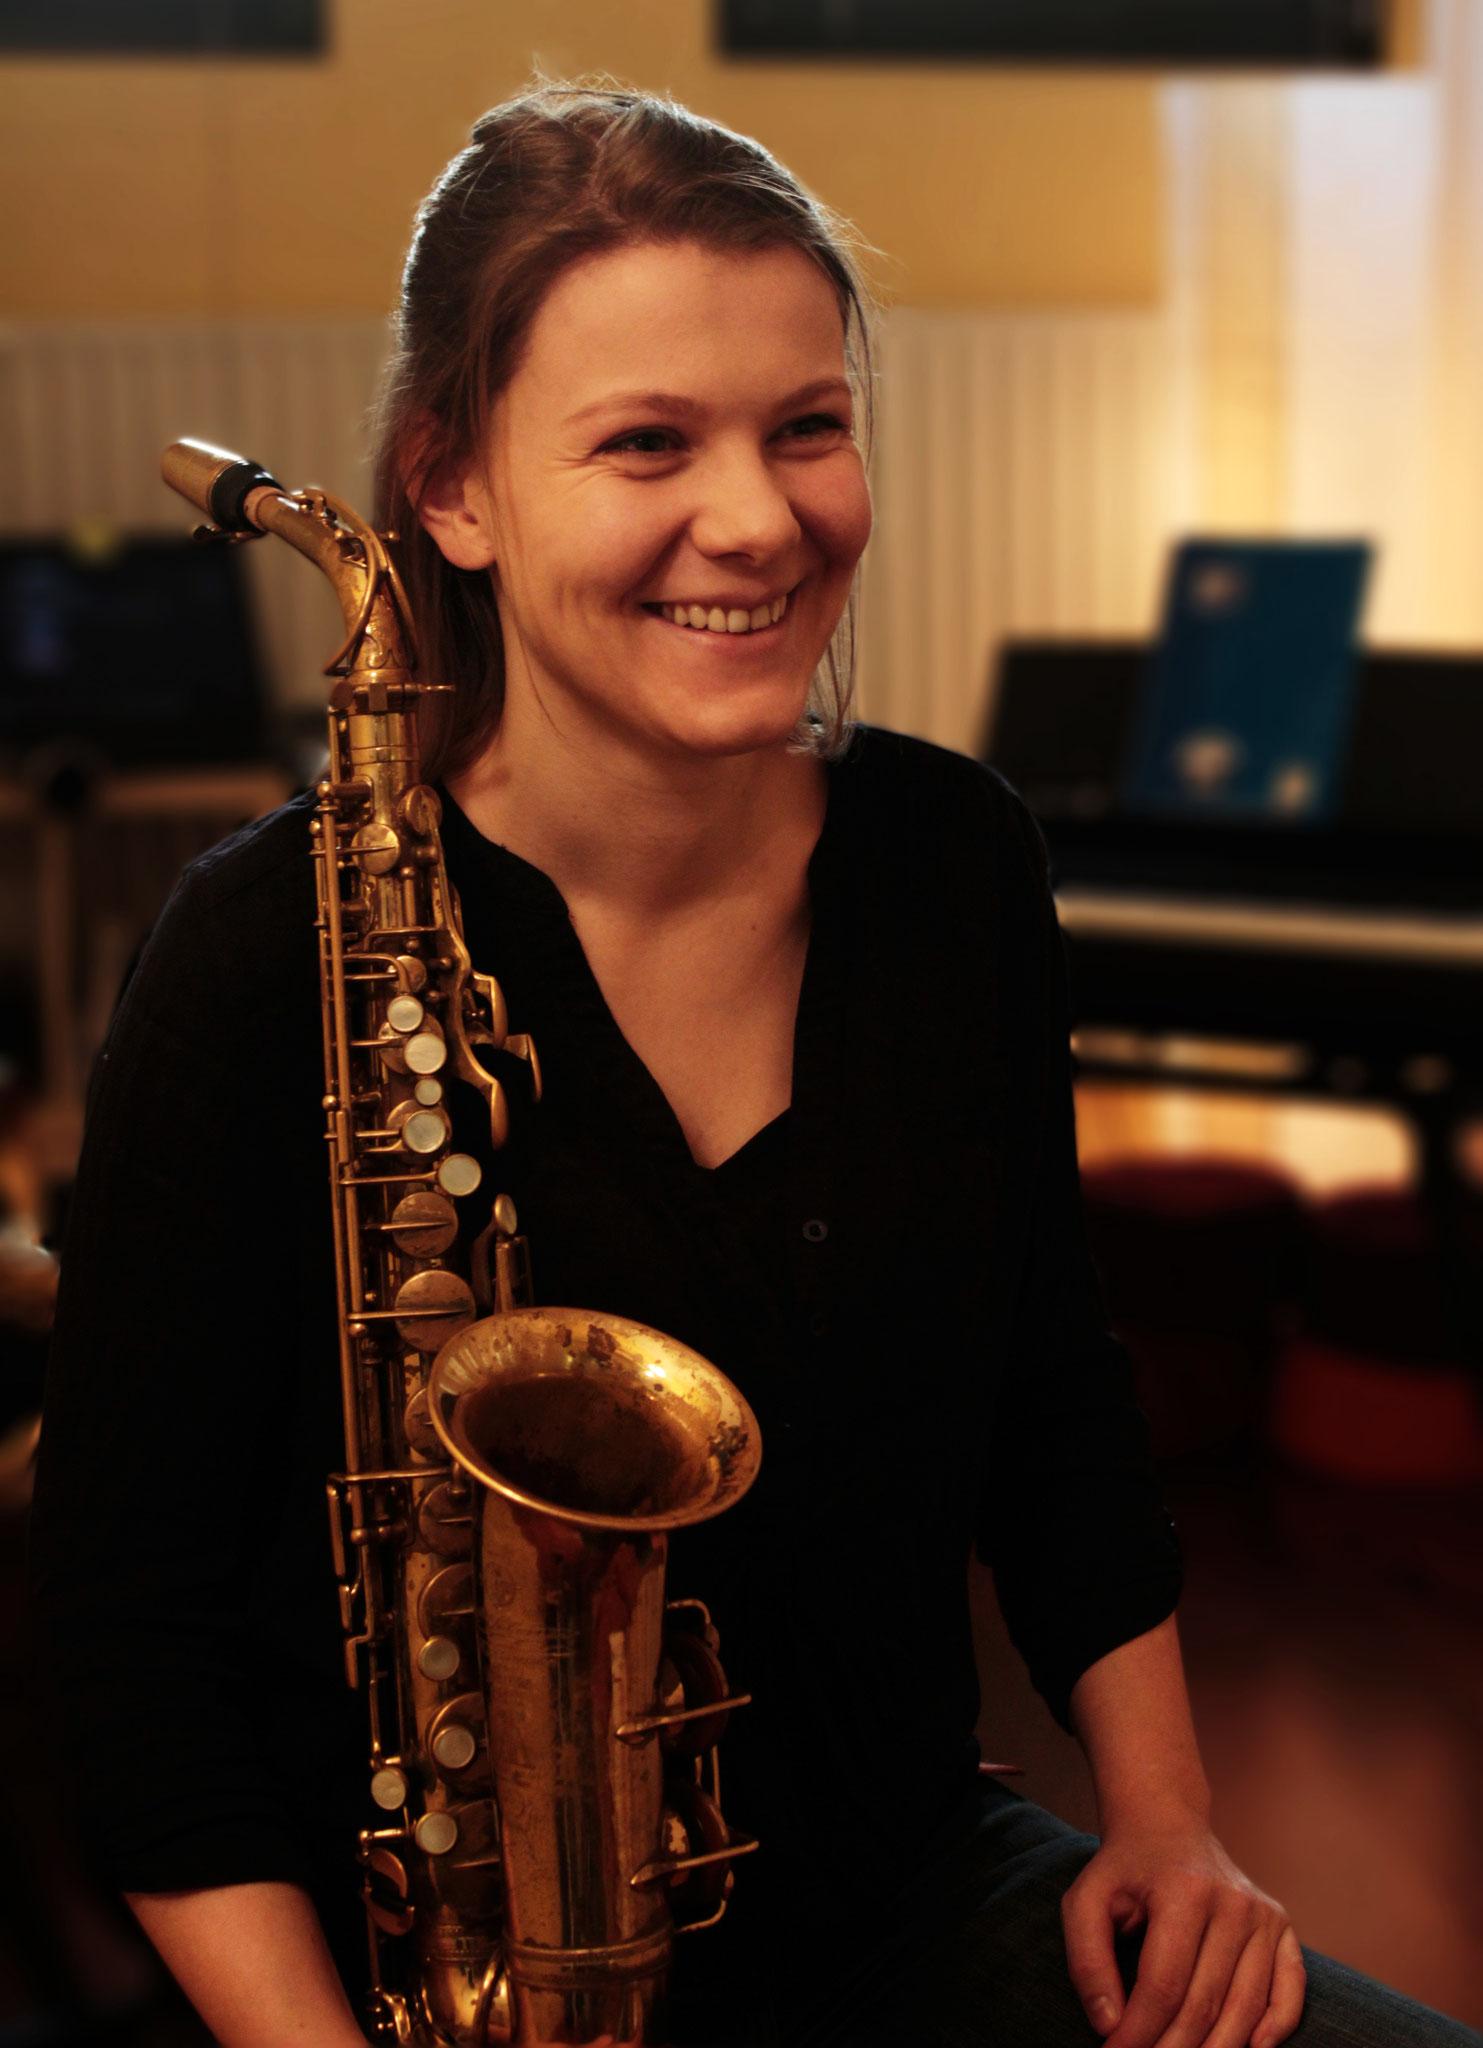 Claudia Rehrmann